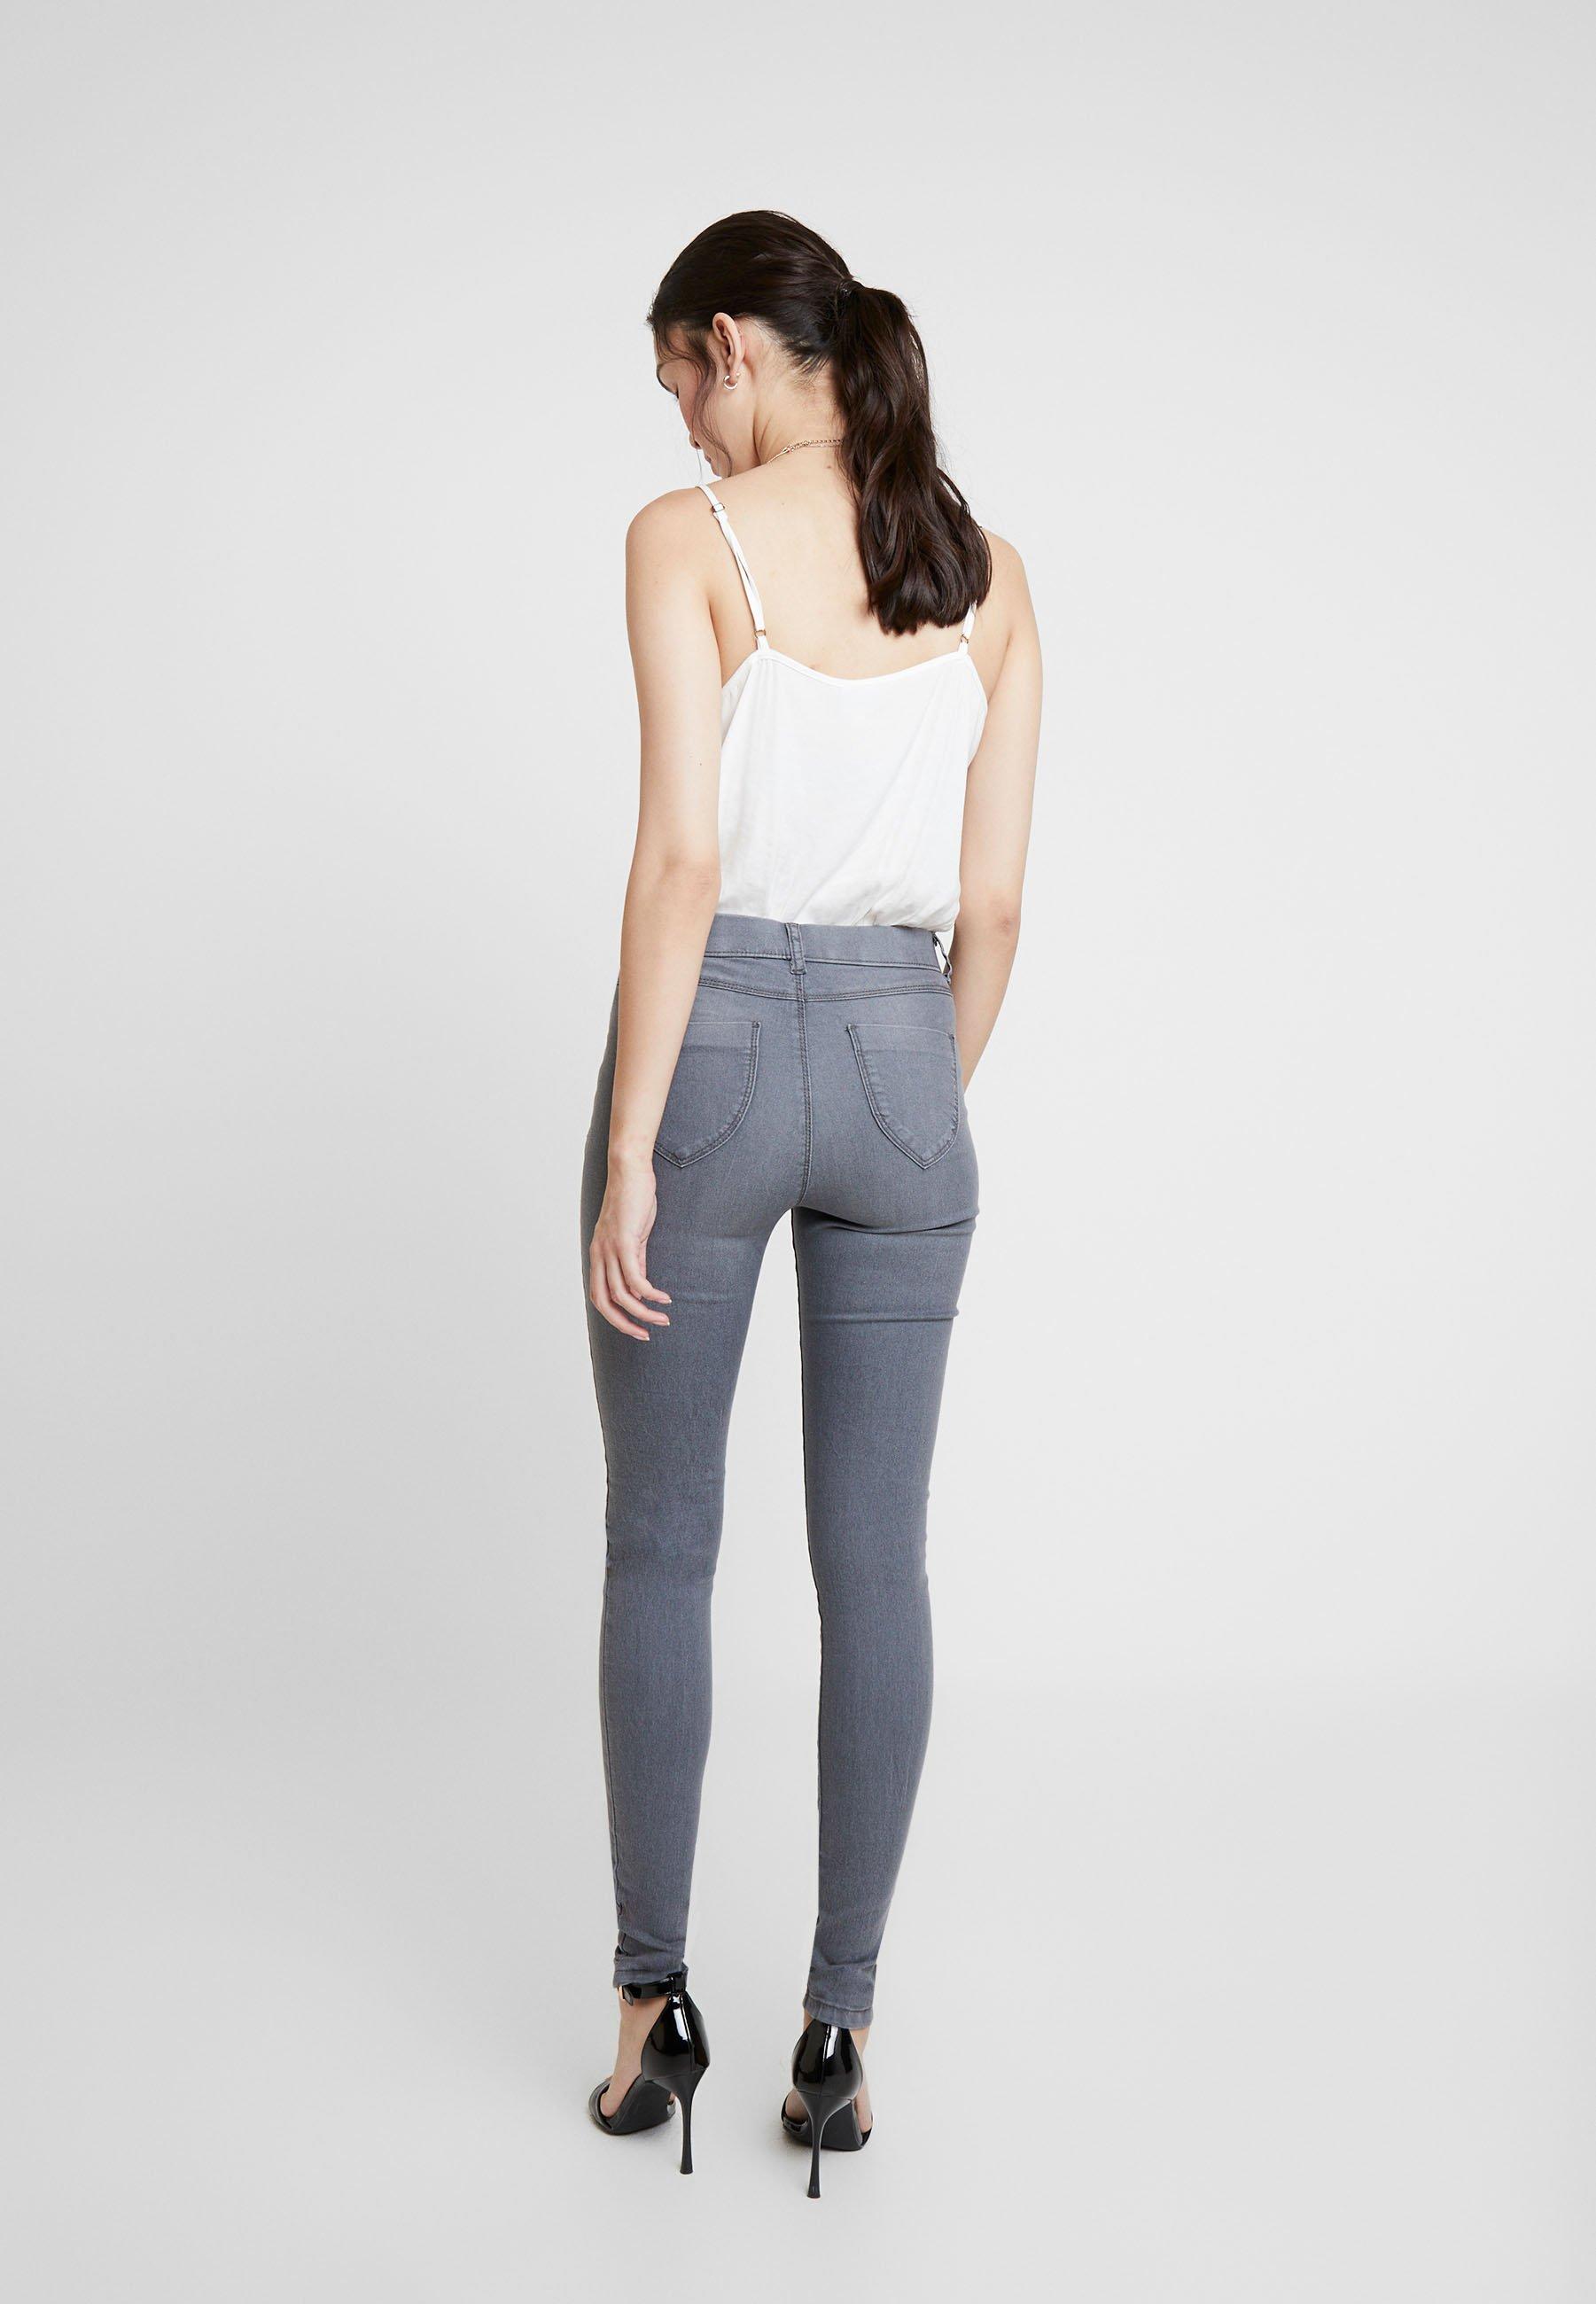 Dorothy Perkins EDEN - Jeans Skinny Fit grey